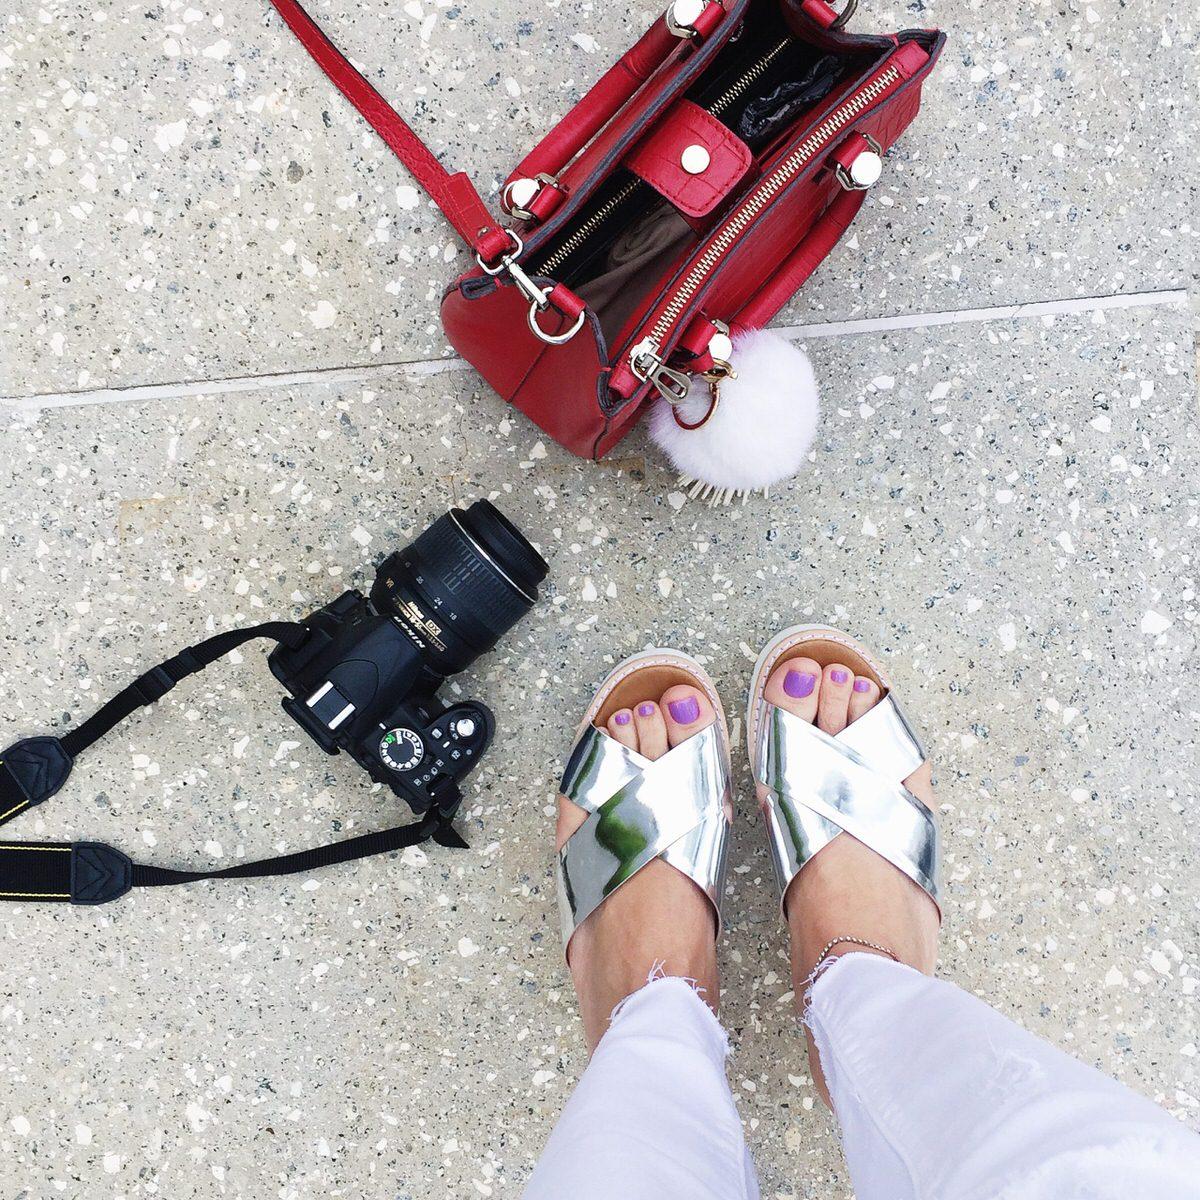 Camera fotografica Nikon, bolsa vermelha Schutz e sandália flatform prata Carrano